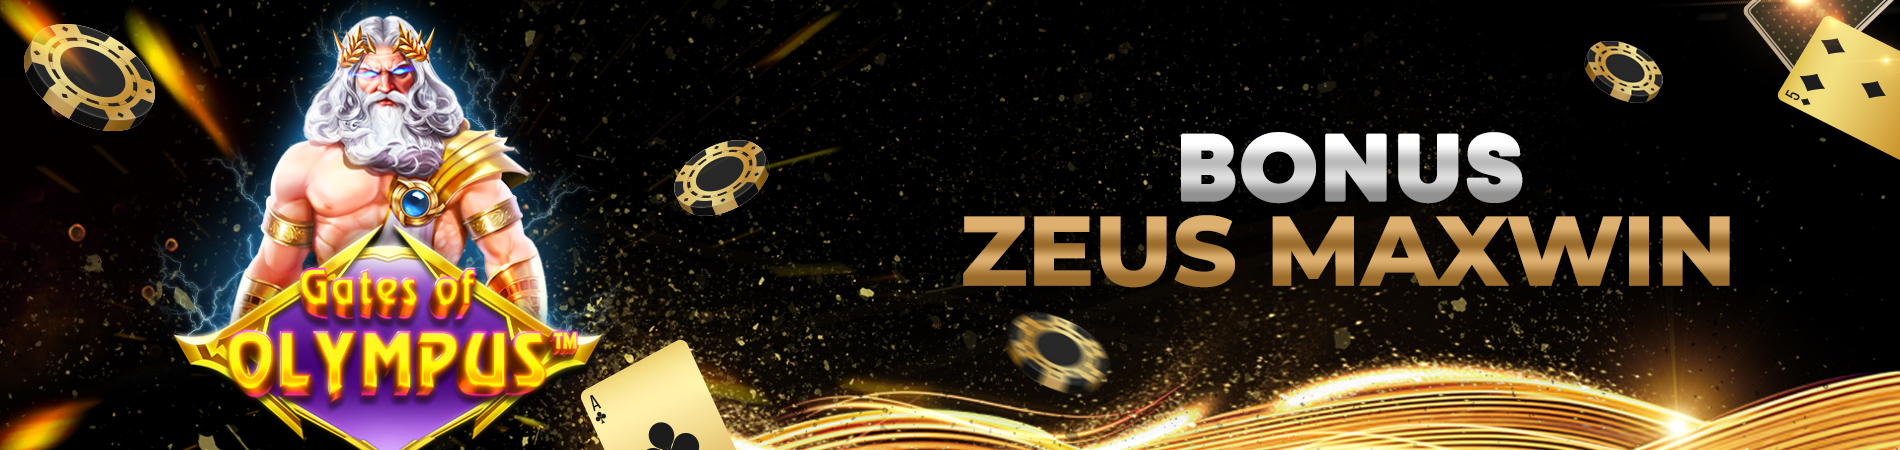 EVENT MAXWIN ZEUS